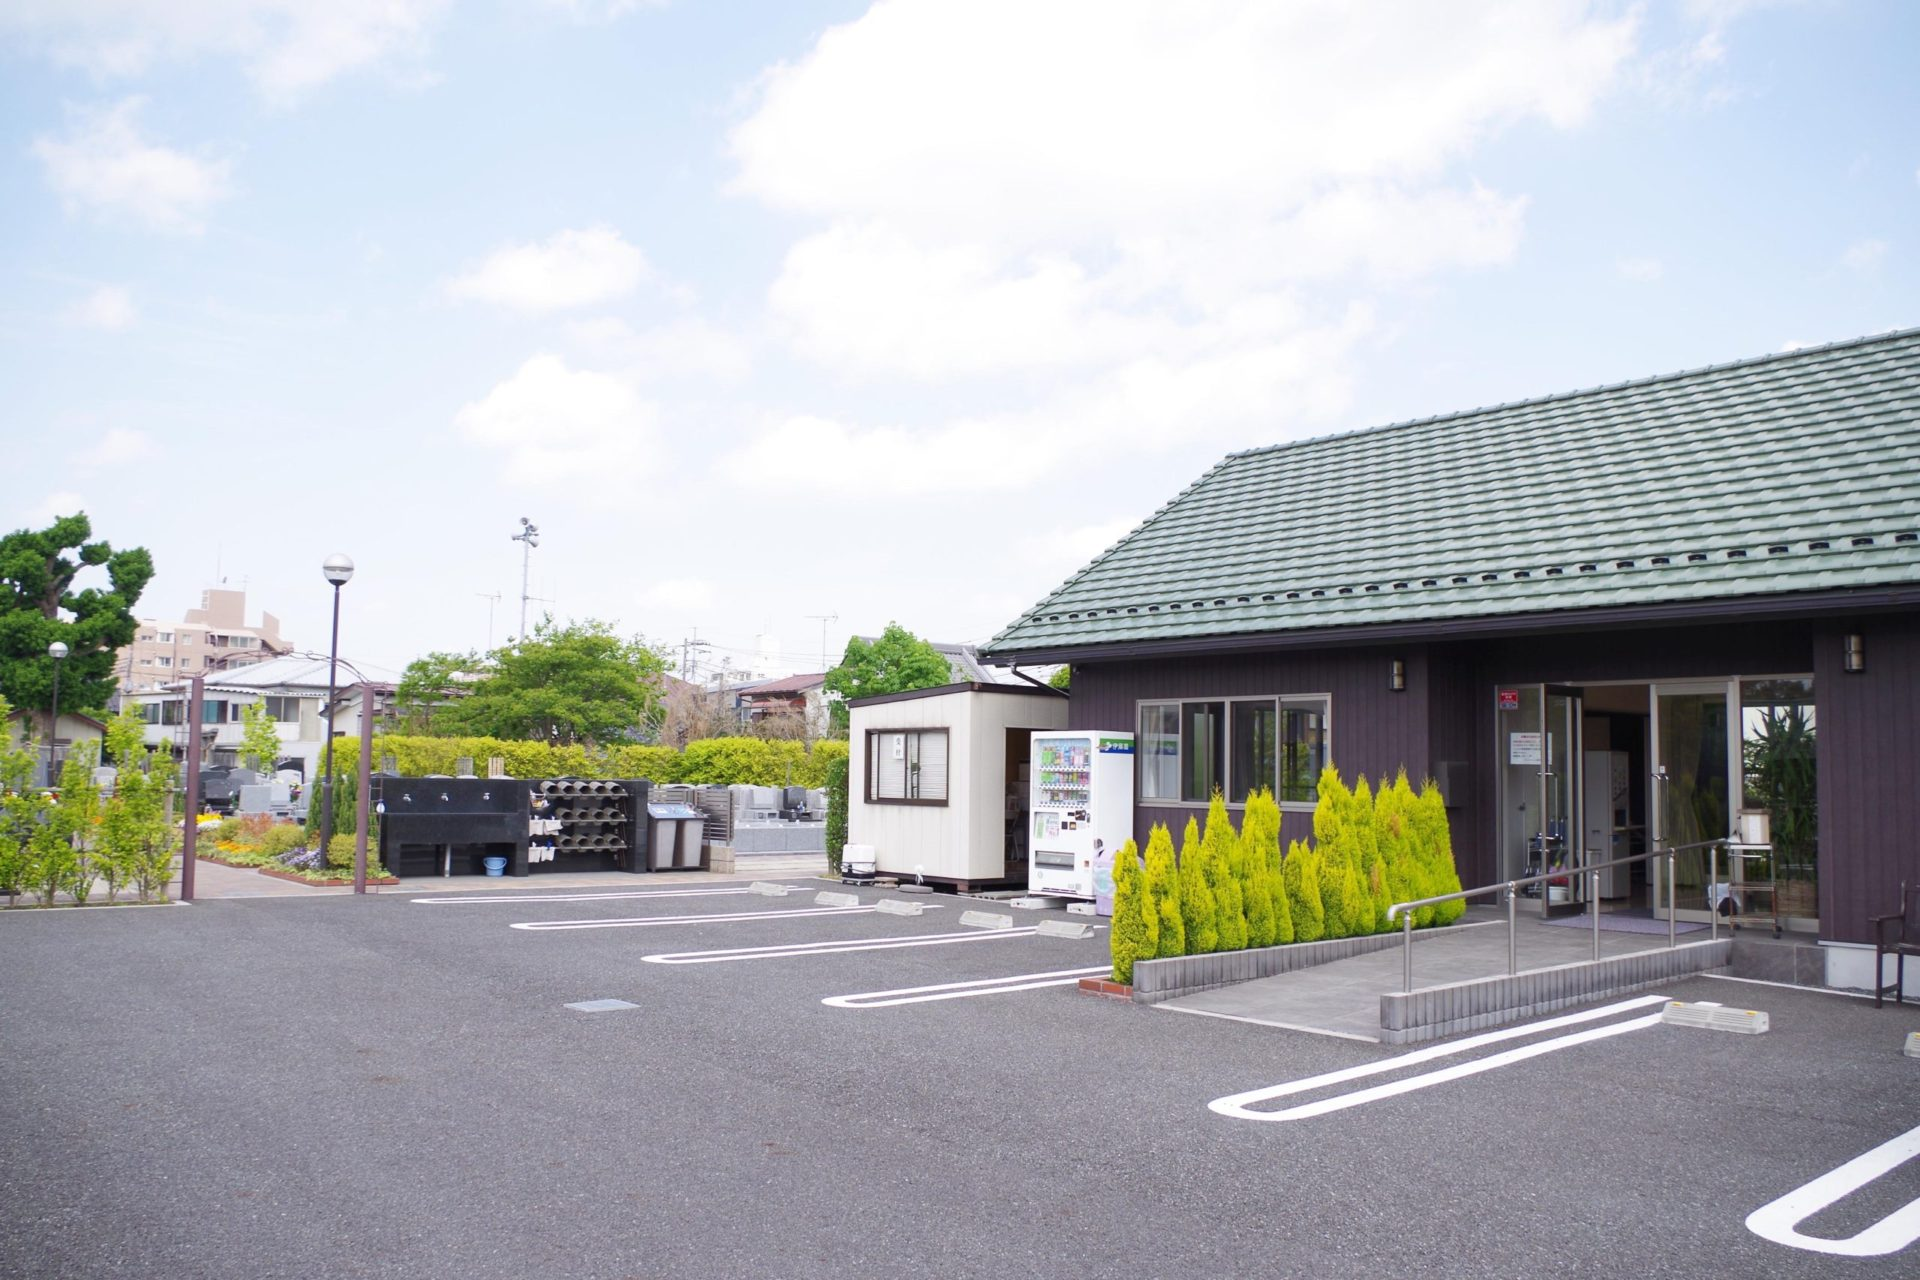 エバーグリーン金町<br>(埼玉県三郷市)